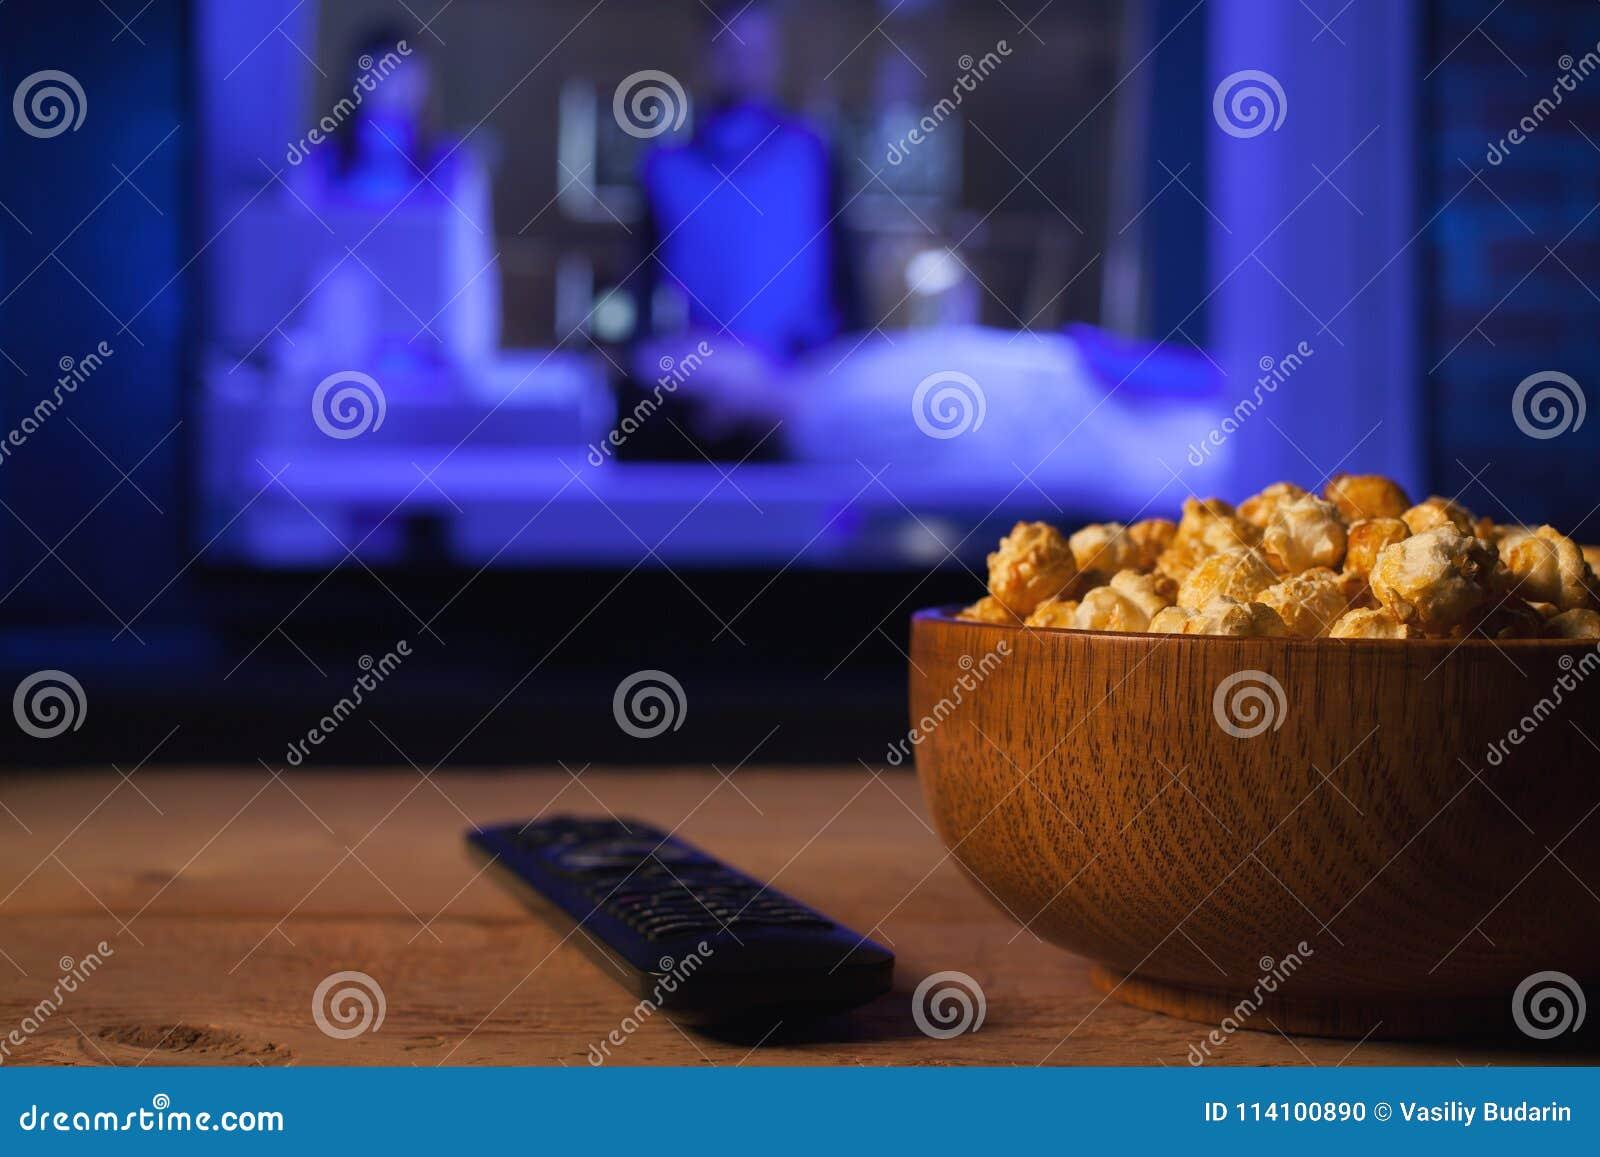 Drewniany puchar popkorn i pilot do tv w tle TV pracuje Evening wygodnego dopatrywanie w domu film lub seriale telewizyjni